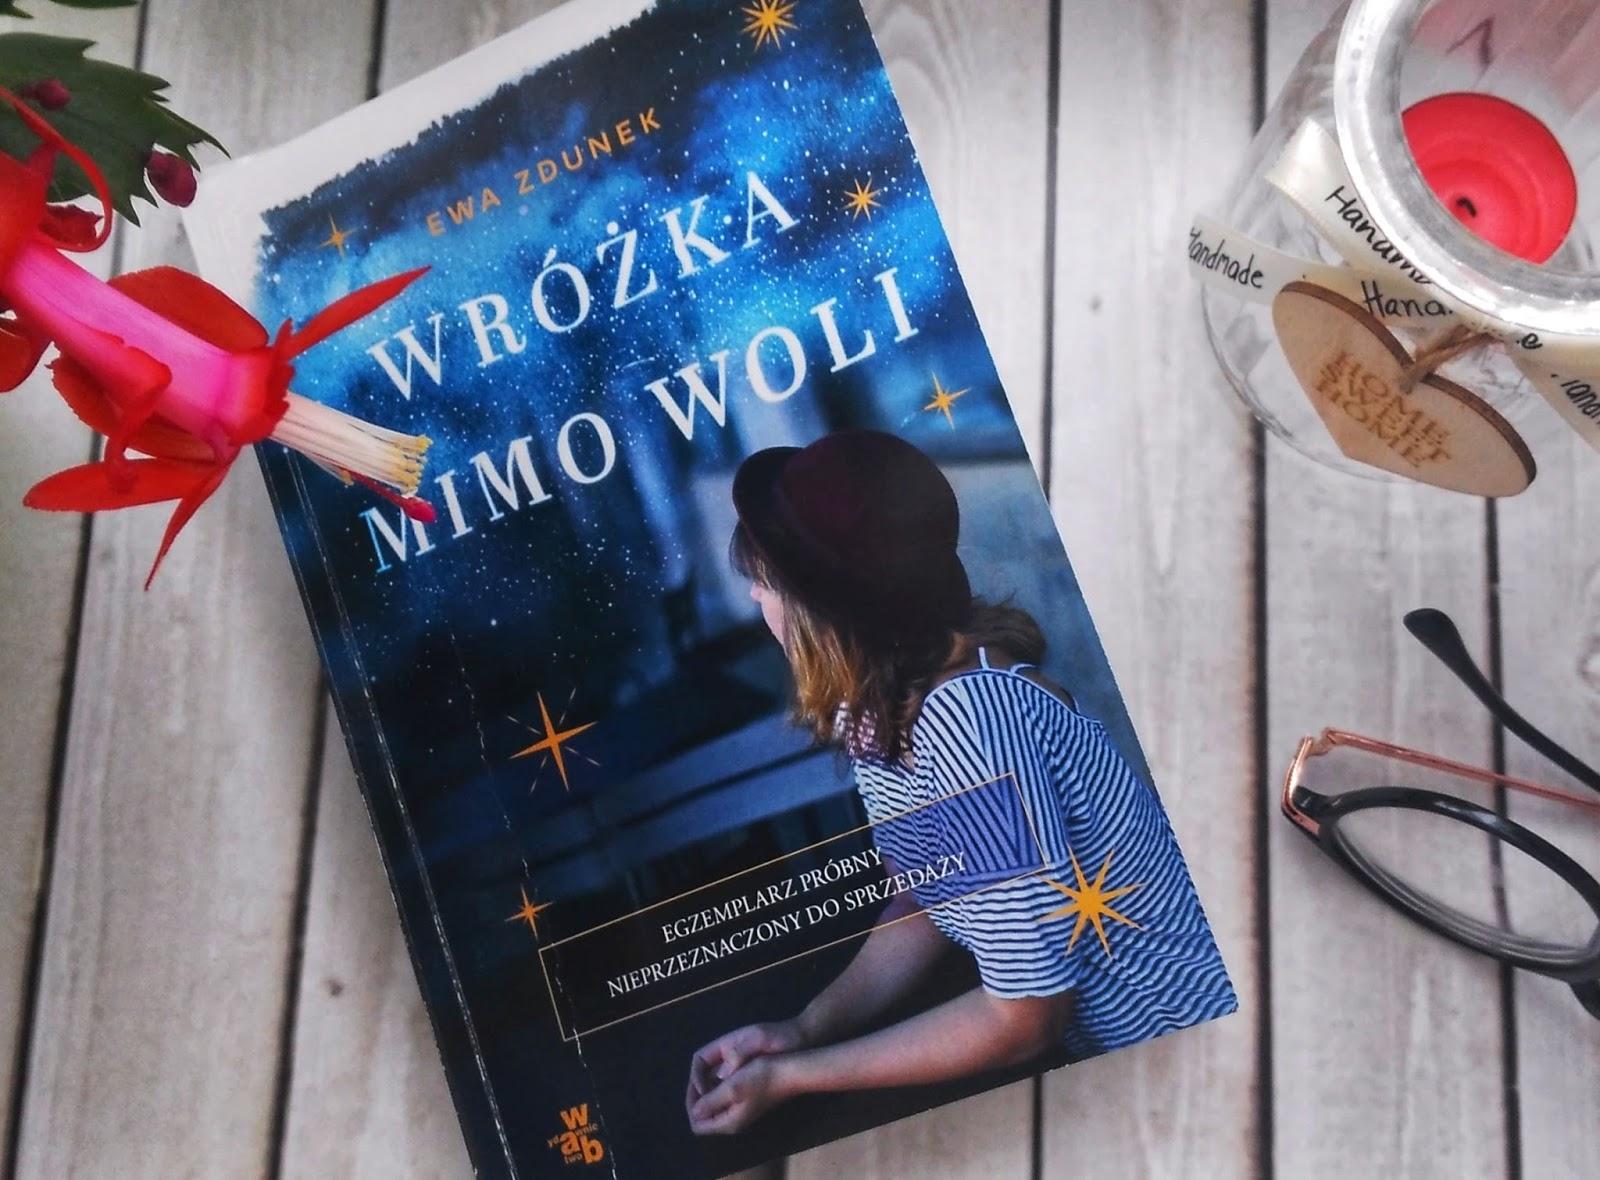 Wróżka mimo woli Ewa Zdunek - recenzja